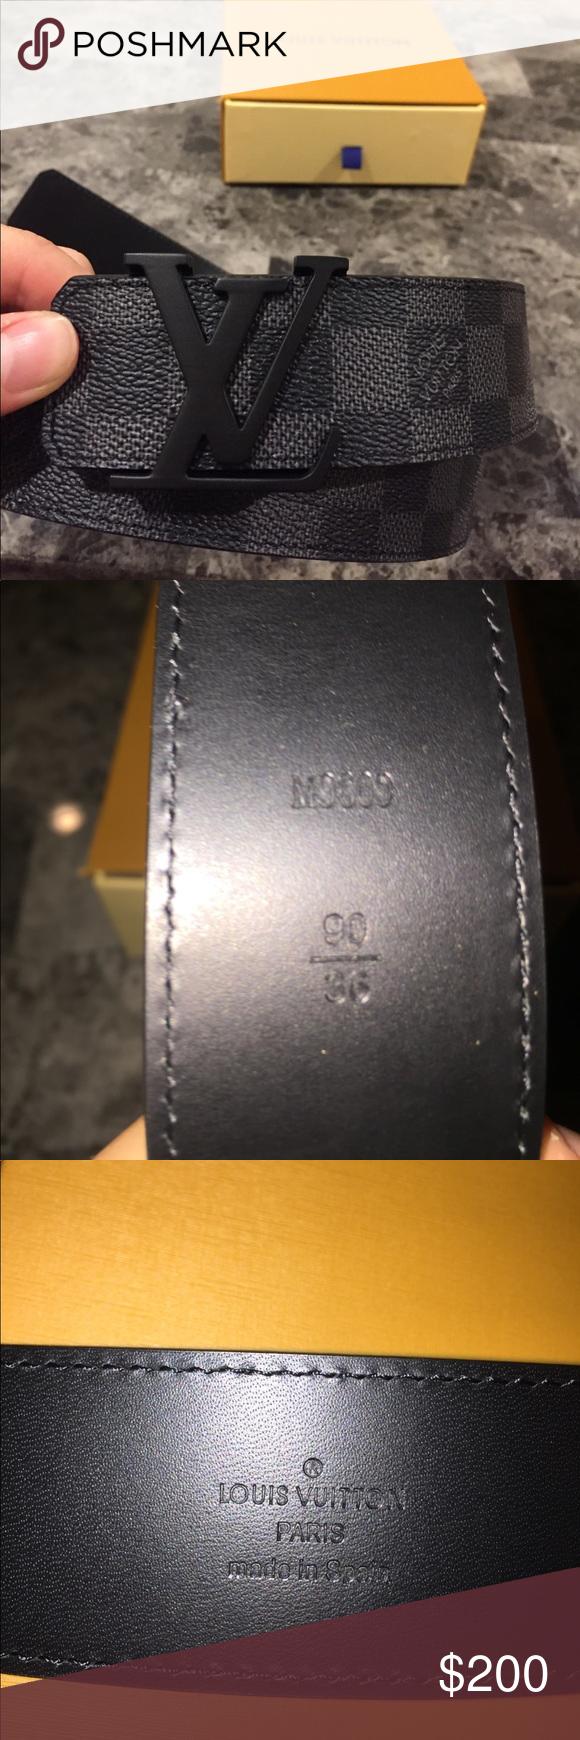 louis vuitton damier belt 100% authentic Louis Vuitton ...